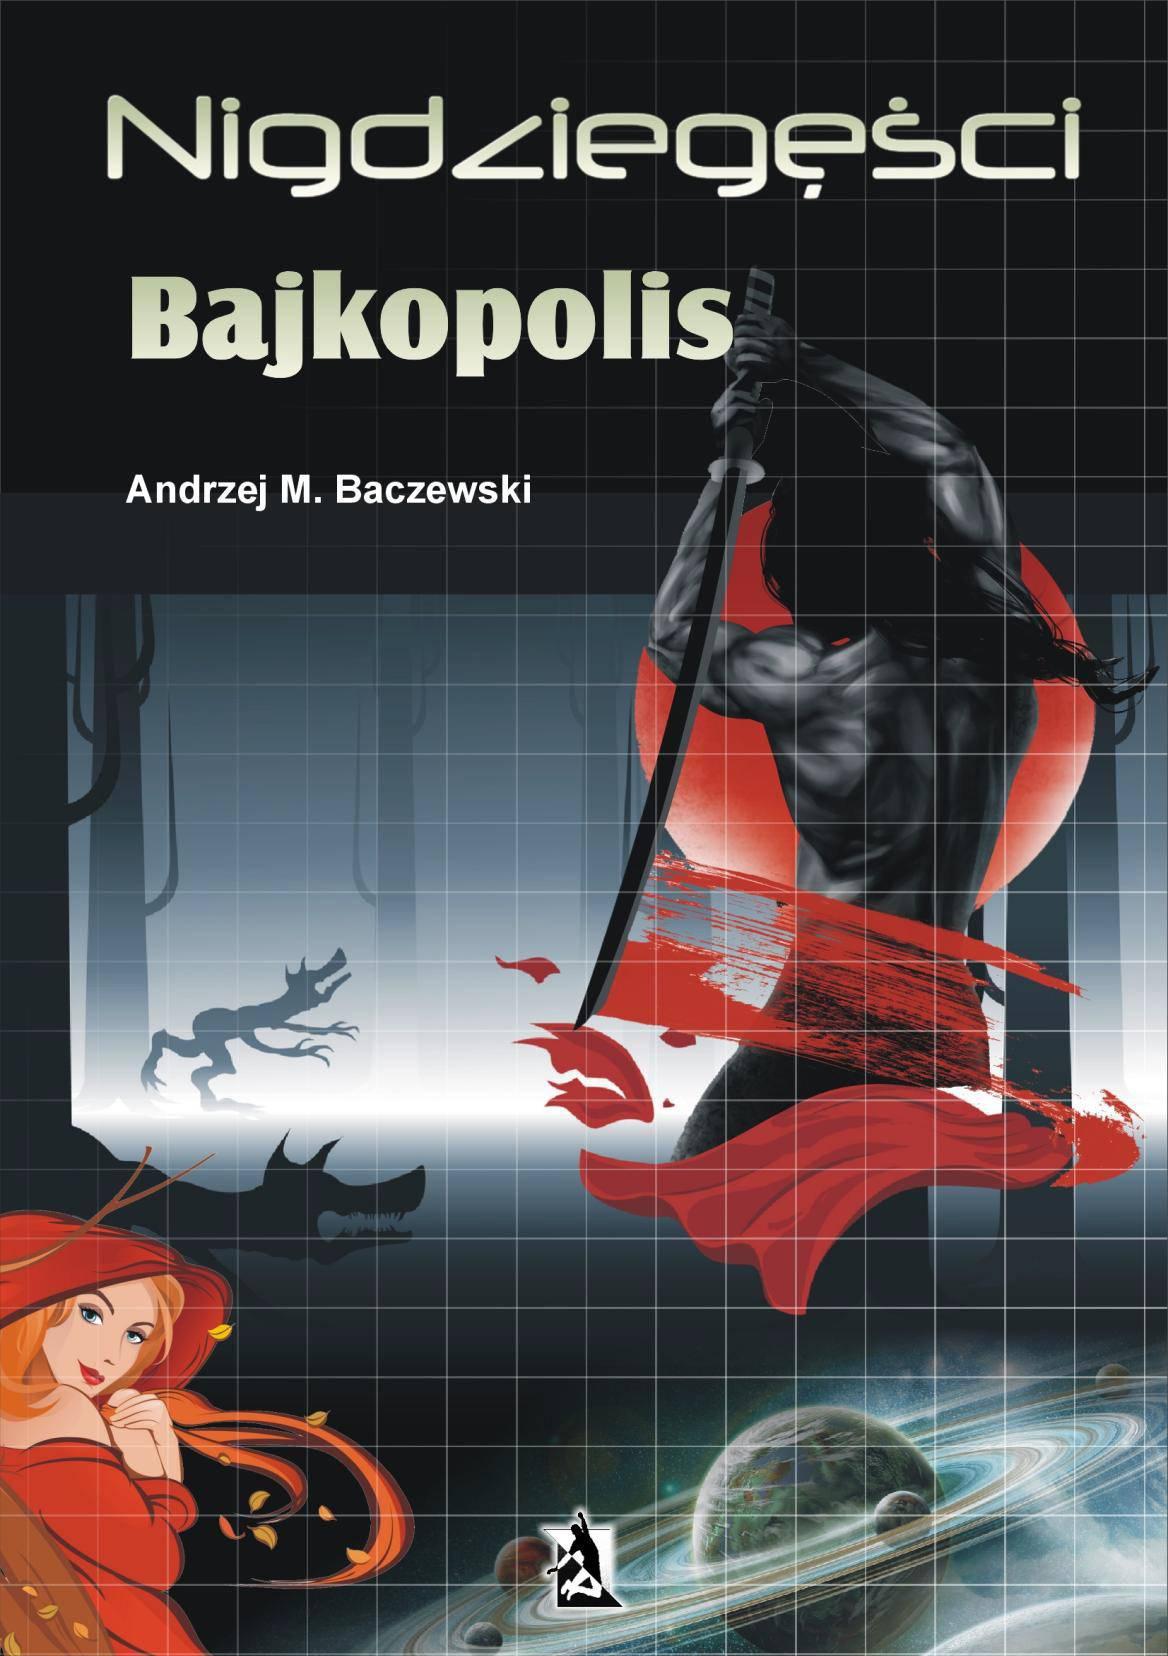 Nigdziegęści. Bajkopolis - Ebook (Książka na Kindle) do pobrania w formacie MOBI